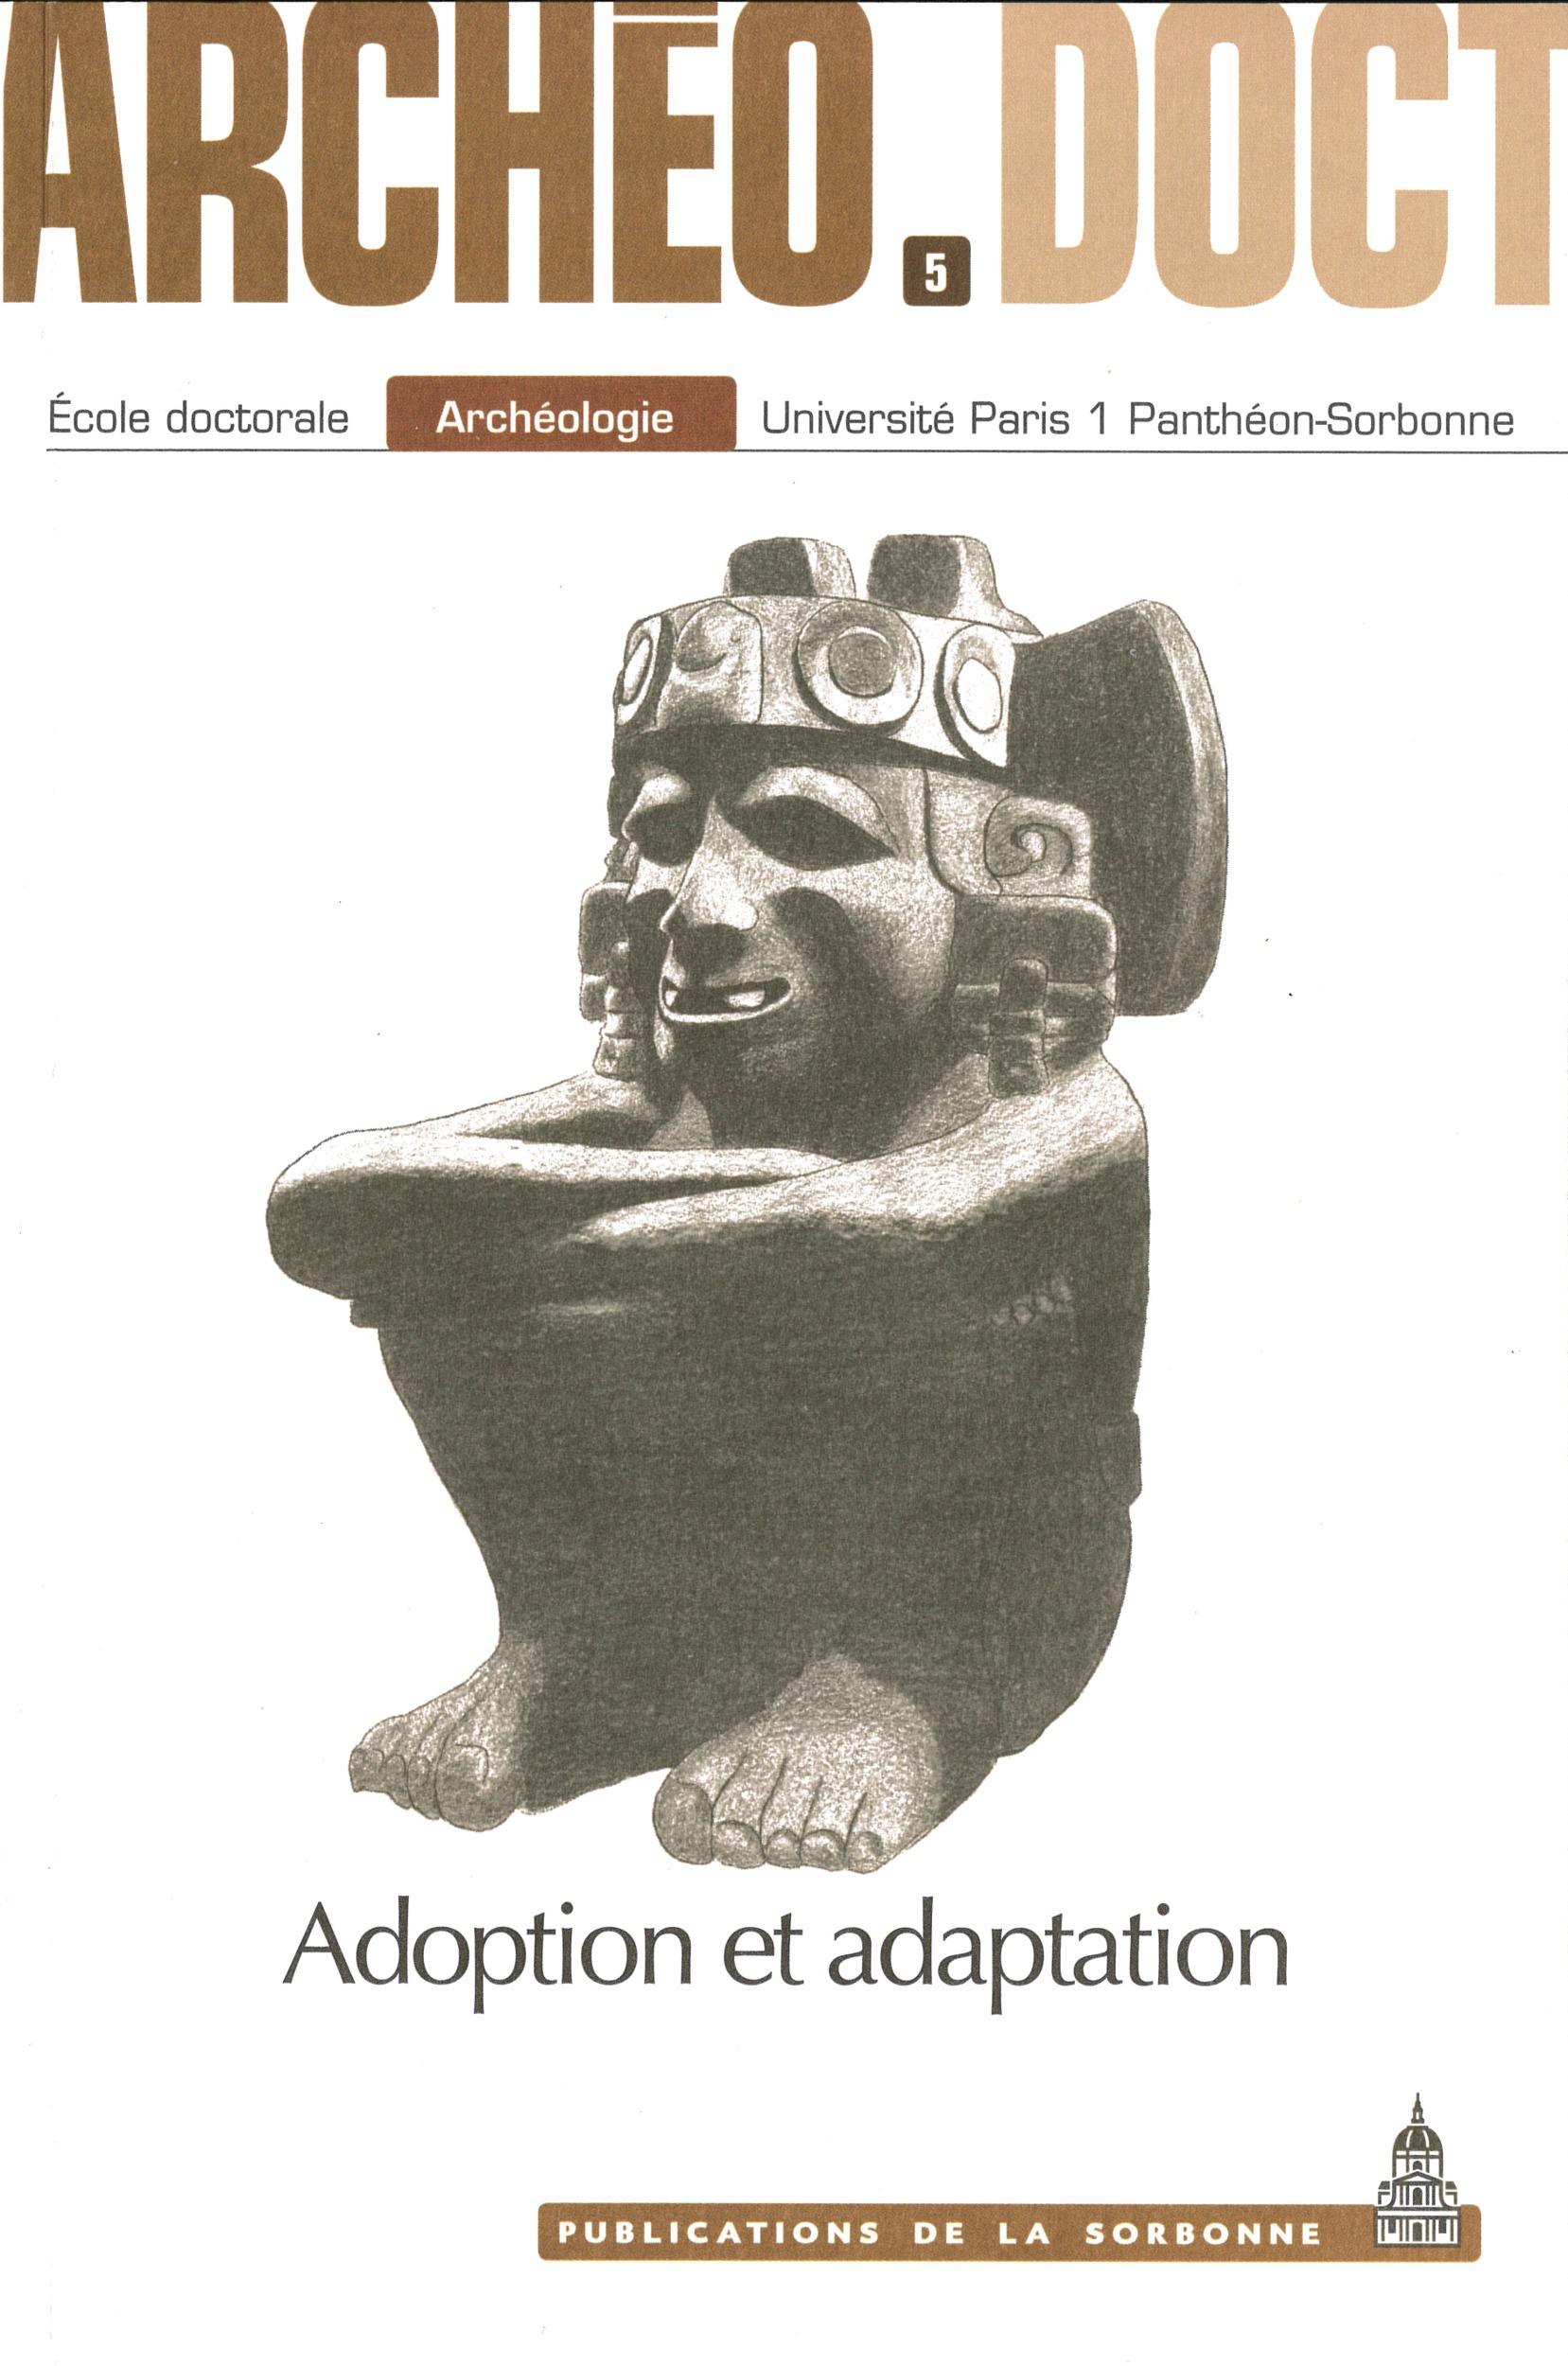 archeo doct 5